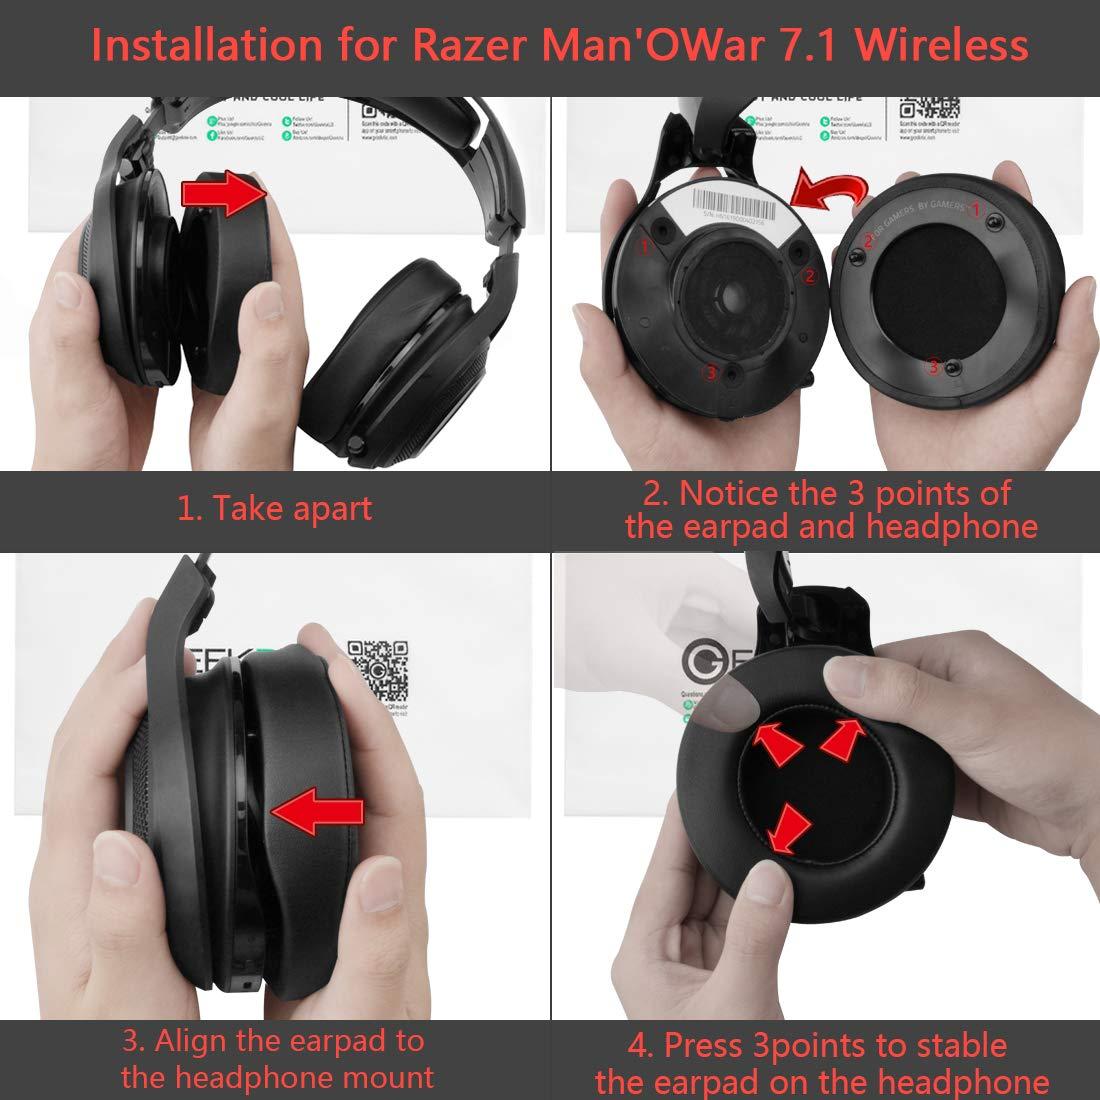 fundas Almohadillas de repuesto para auriculares Razer ManOWar inal/ámbricos 7.1 Sonido Surround almohadillas repuestos Geekria almohadilla para auriculares para videojuegos